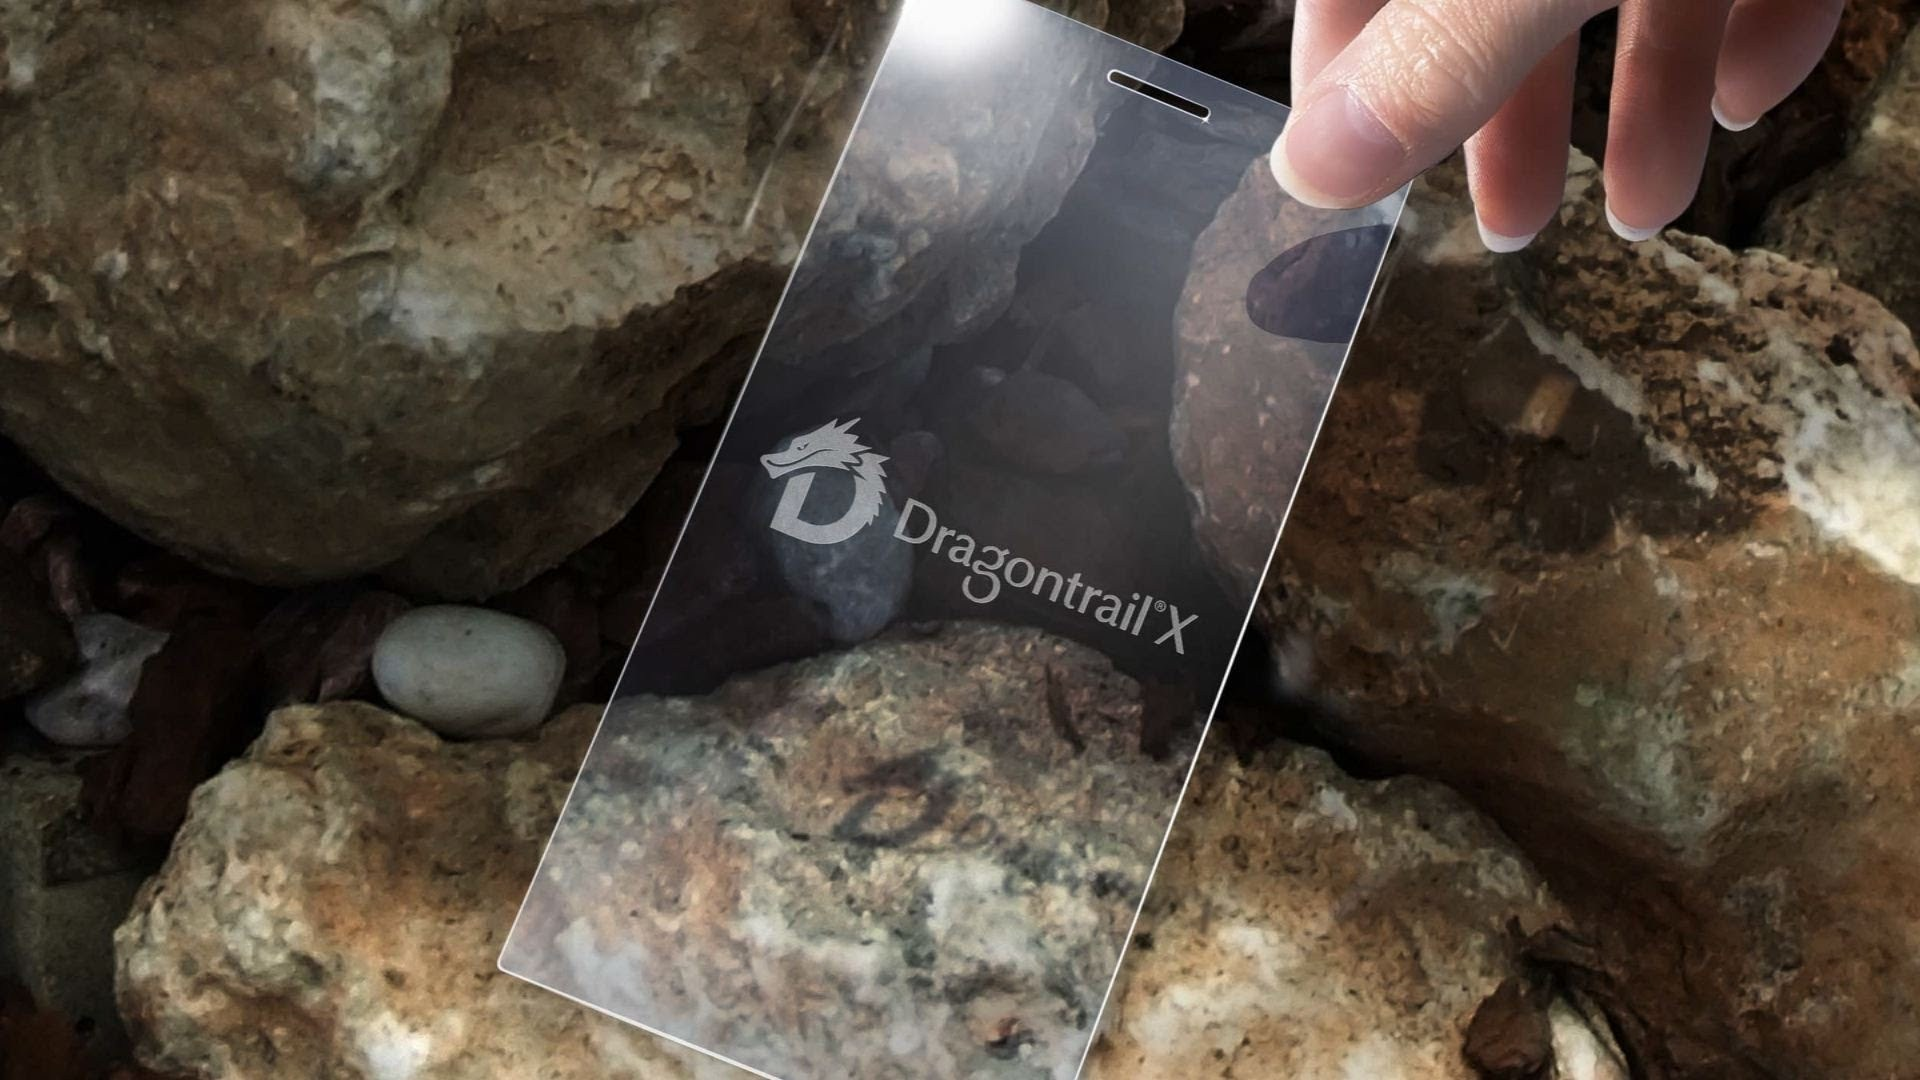 الحرب بين عالمين: Dragontrail و Gorilla Glass 1